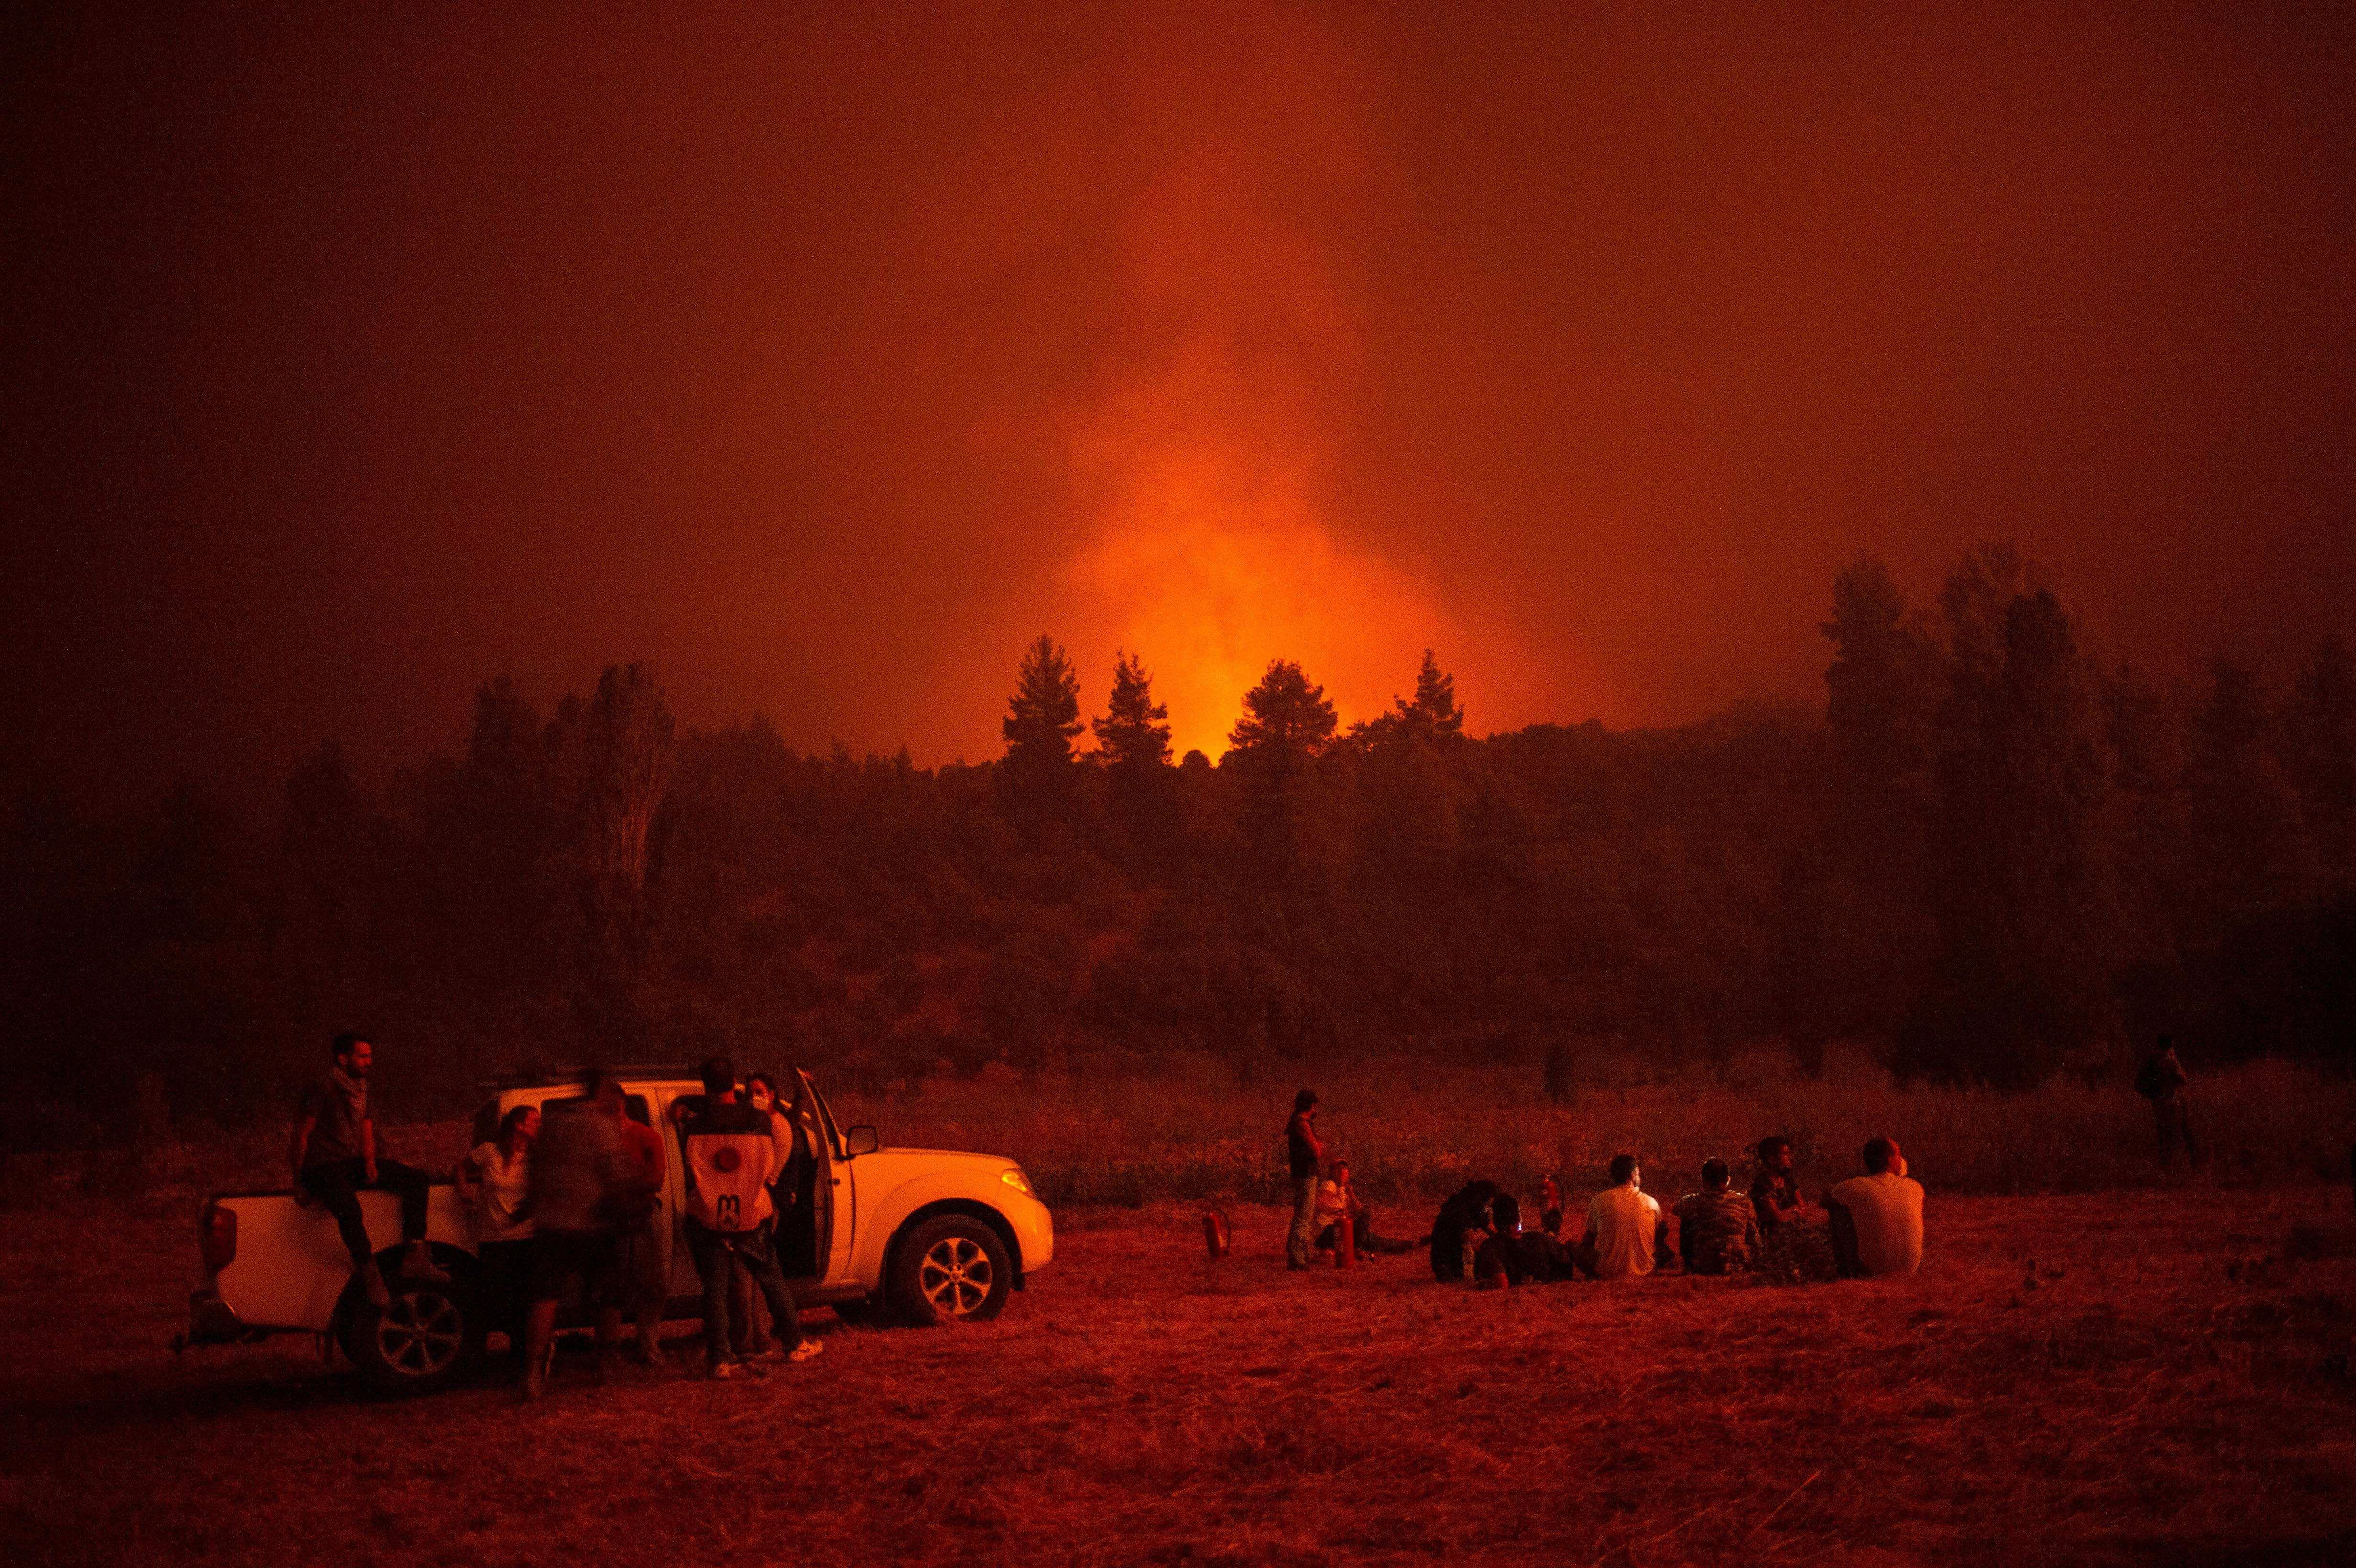 Молодежь иволонтеры собираются воткрытом поле иждут, чтобы помочь пожарным во время лесного пожара рядом сдеревней Каматриадес, недалеко отИстиа, северная Эвия (Эвбея), 9 августа 2021 г.